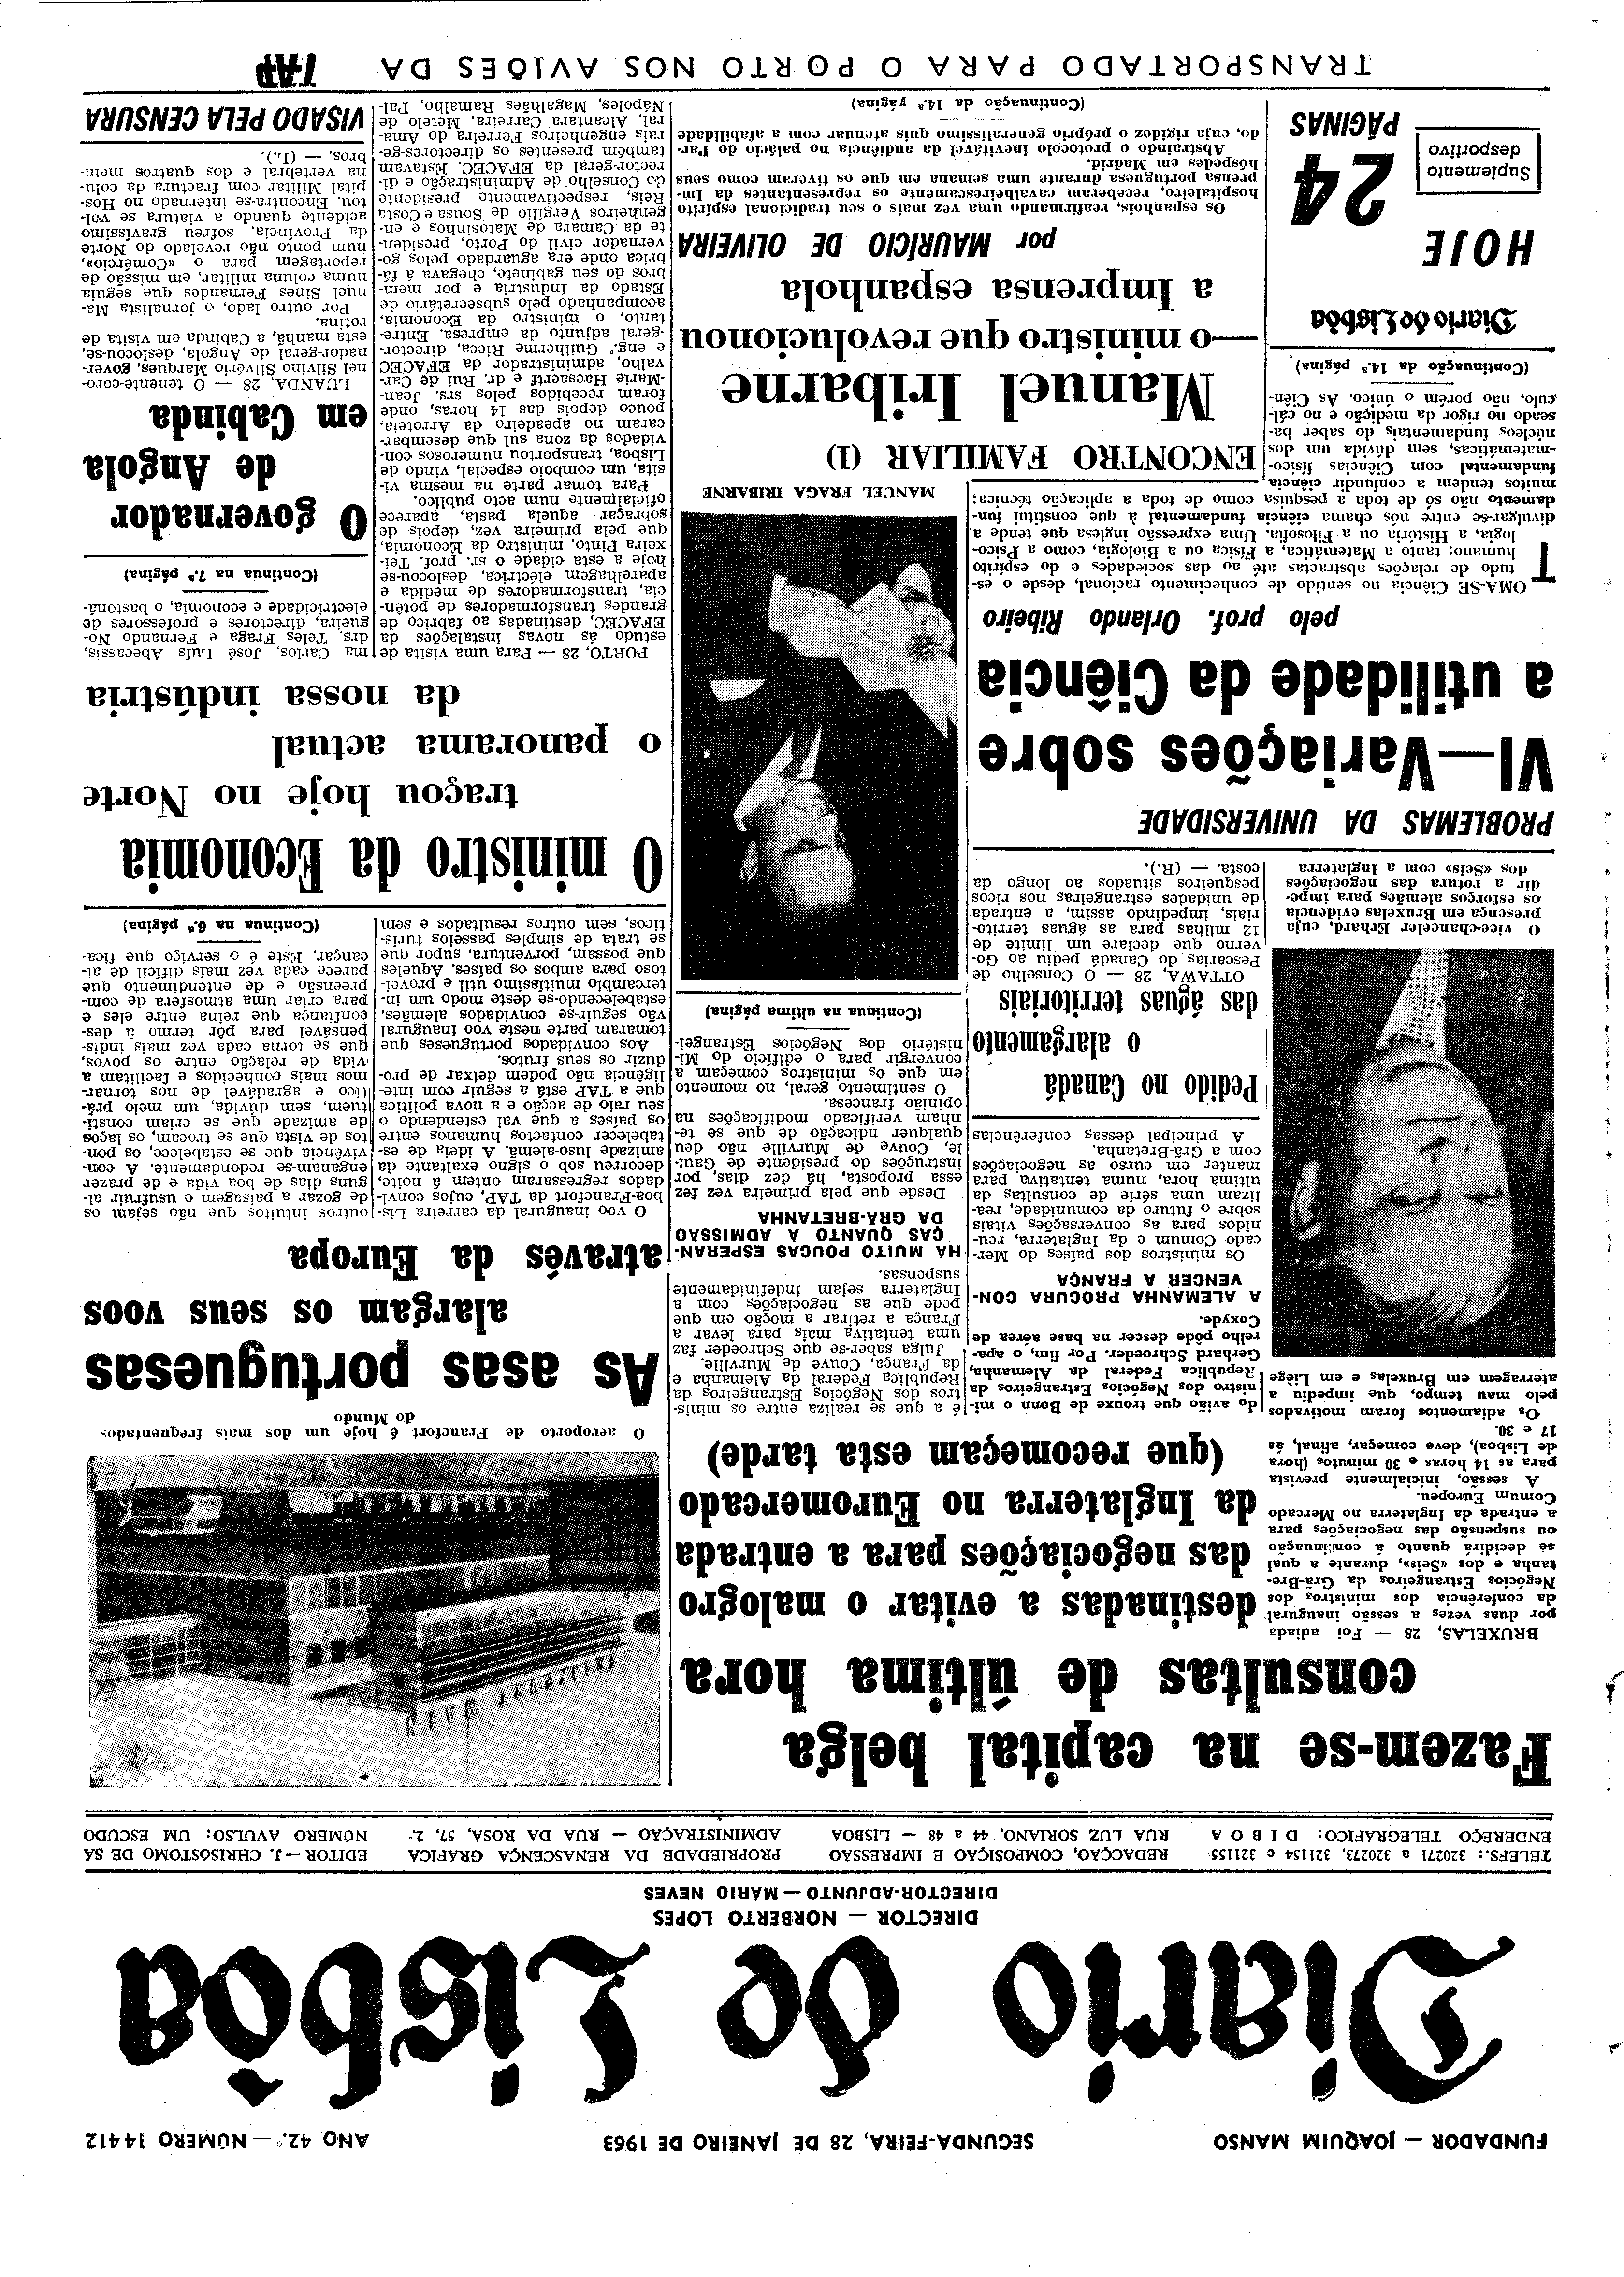 06547.085.18155- pag.1